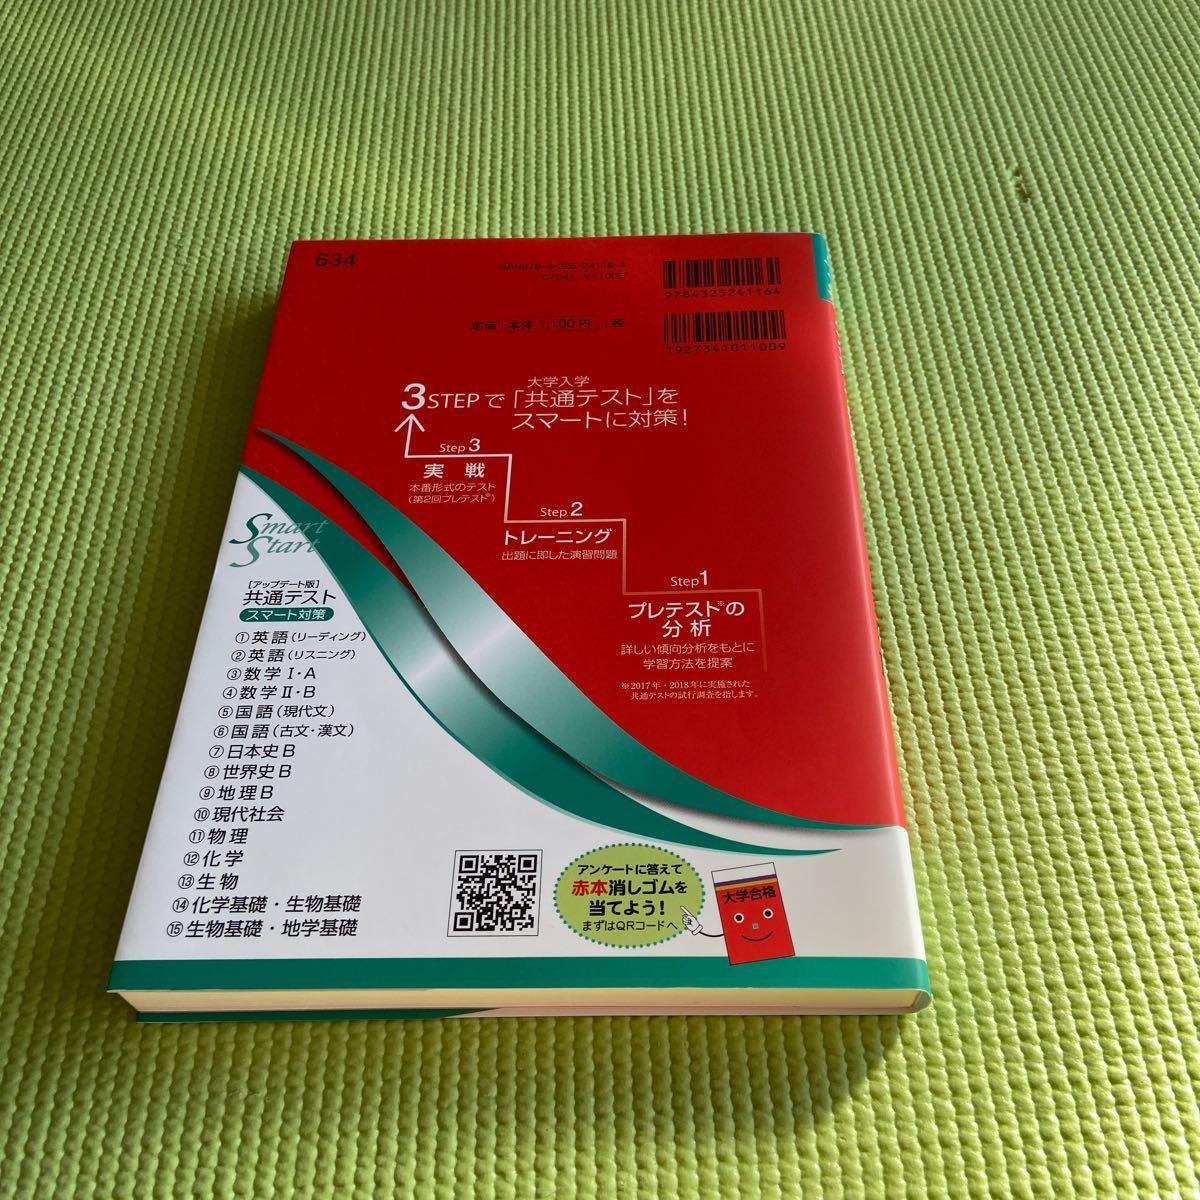 共通テストスマート対策数学2・B  アップデート版